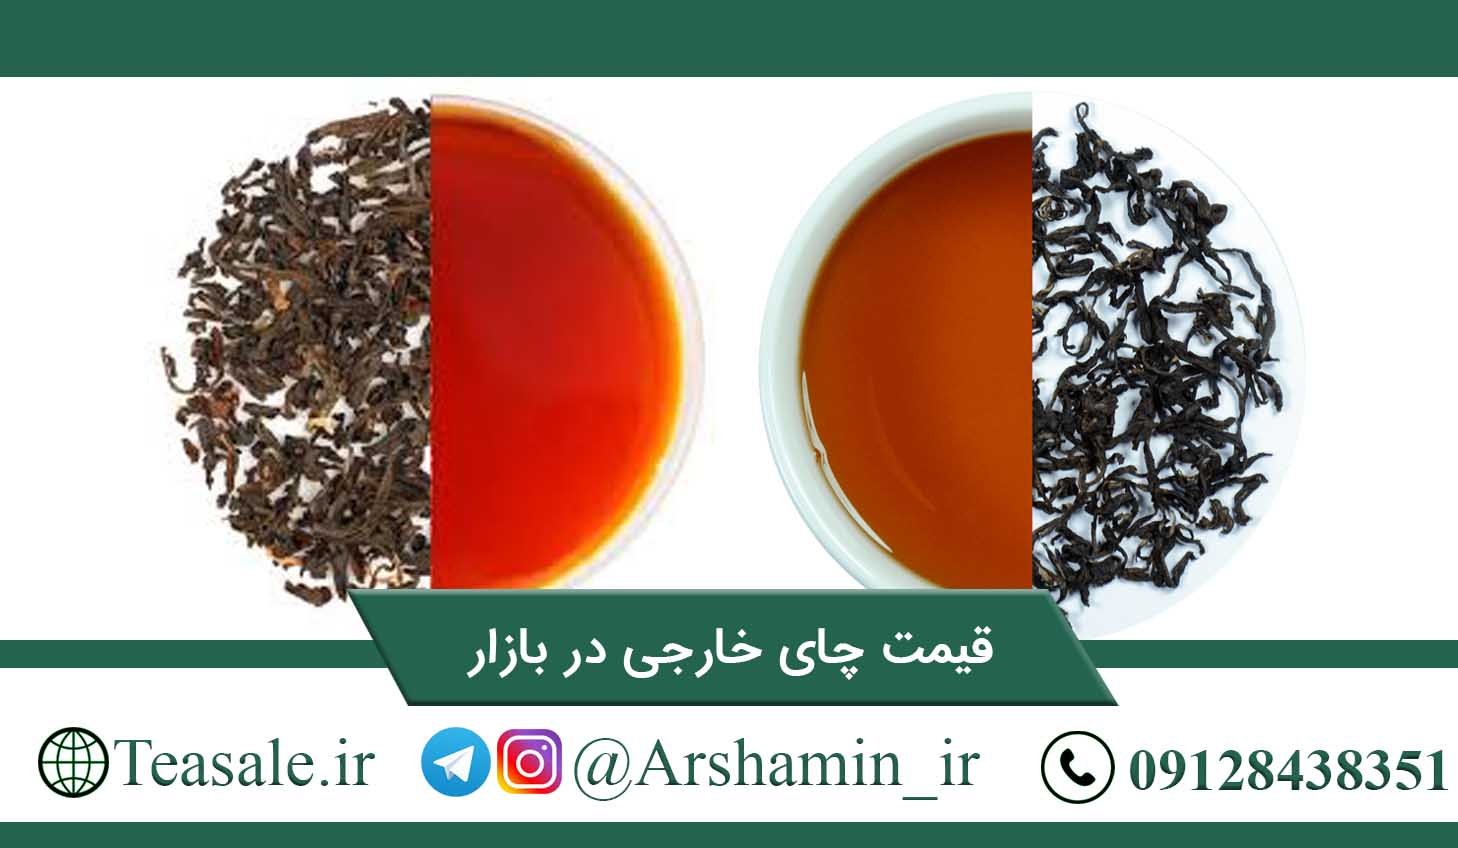 قیمت چای خارجی در بازار